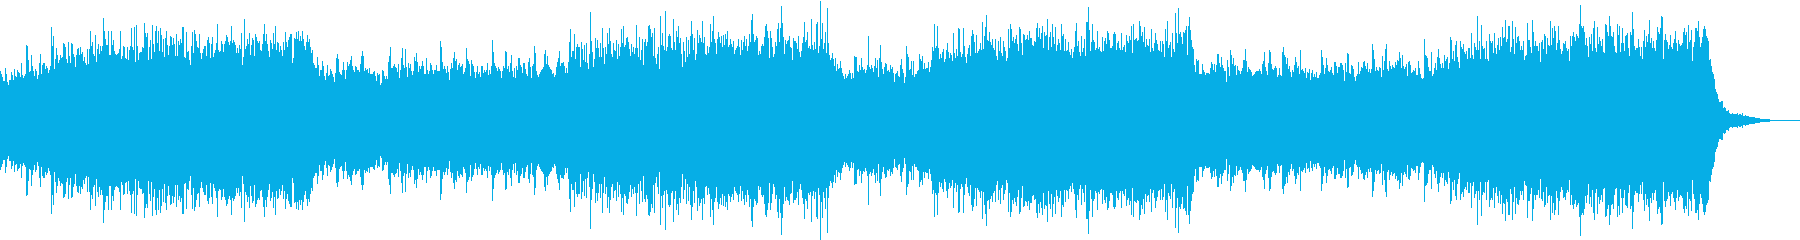 説明、解説、紹介などに適応した電子音楽の再生済みの波形